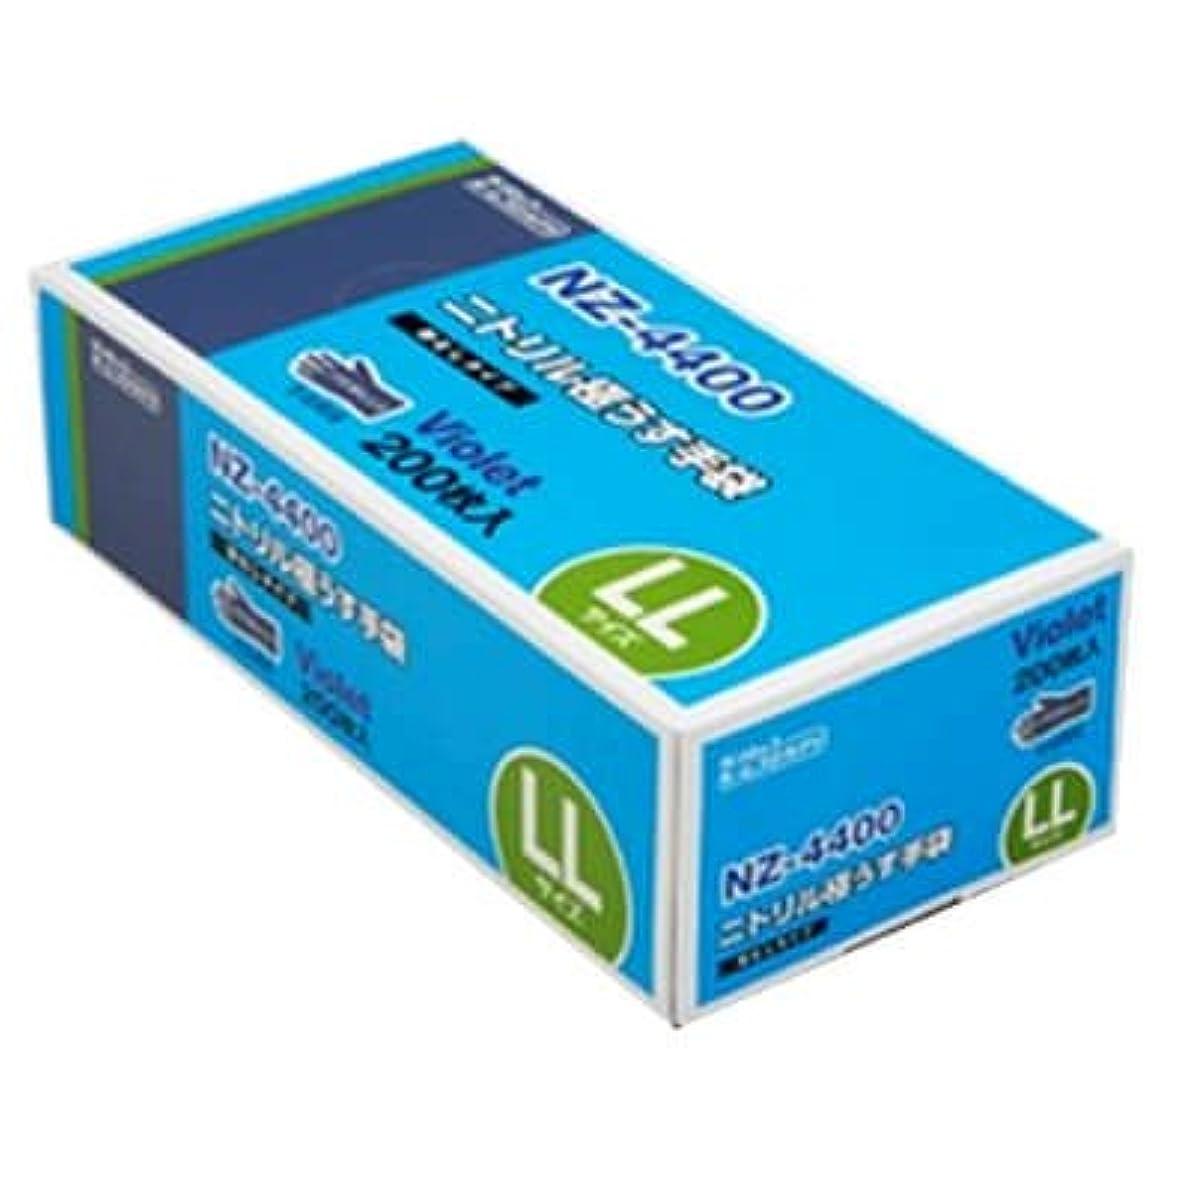 銀行比率願う【ケース販売】 ダンロップ ニトリル極うす手袋 粉無 LL バイオレット NZ4400 (200枚入×15箱)